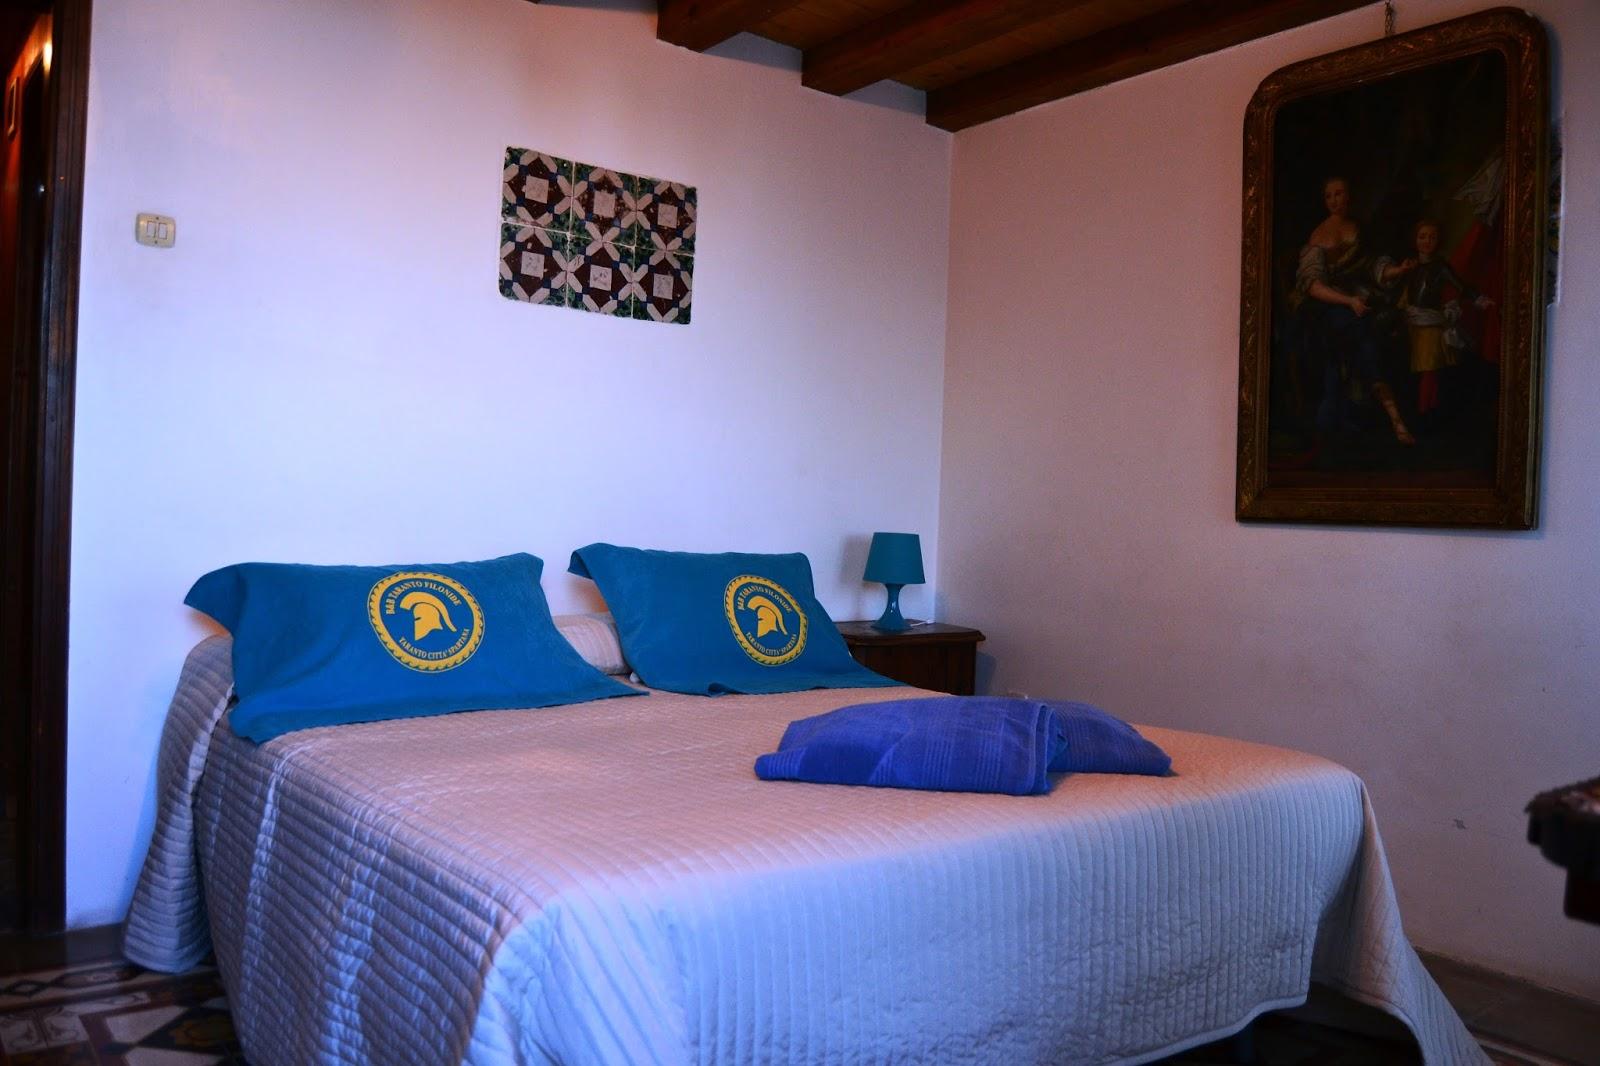 Palazzo mar piccolo mini appartamenti nel cuore di for Mini appartamenti arredati